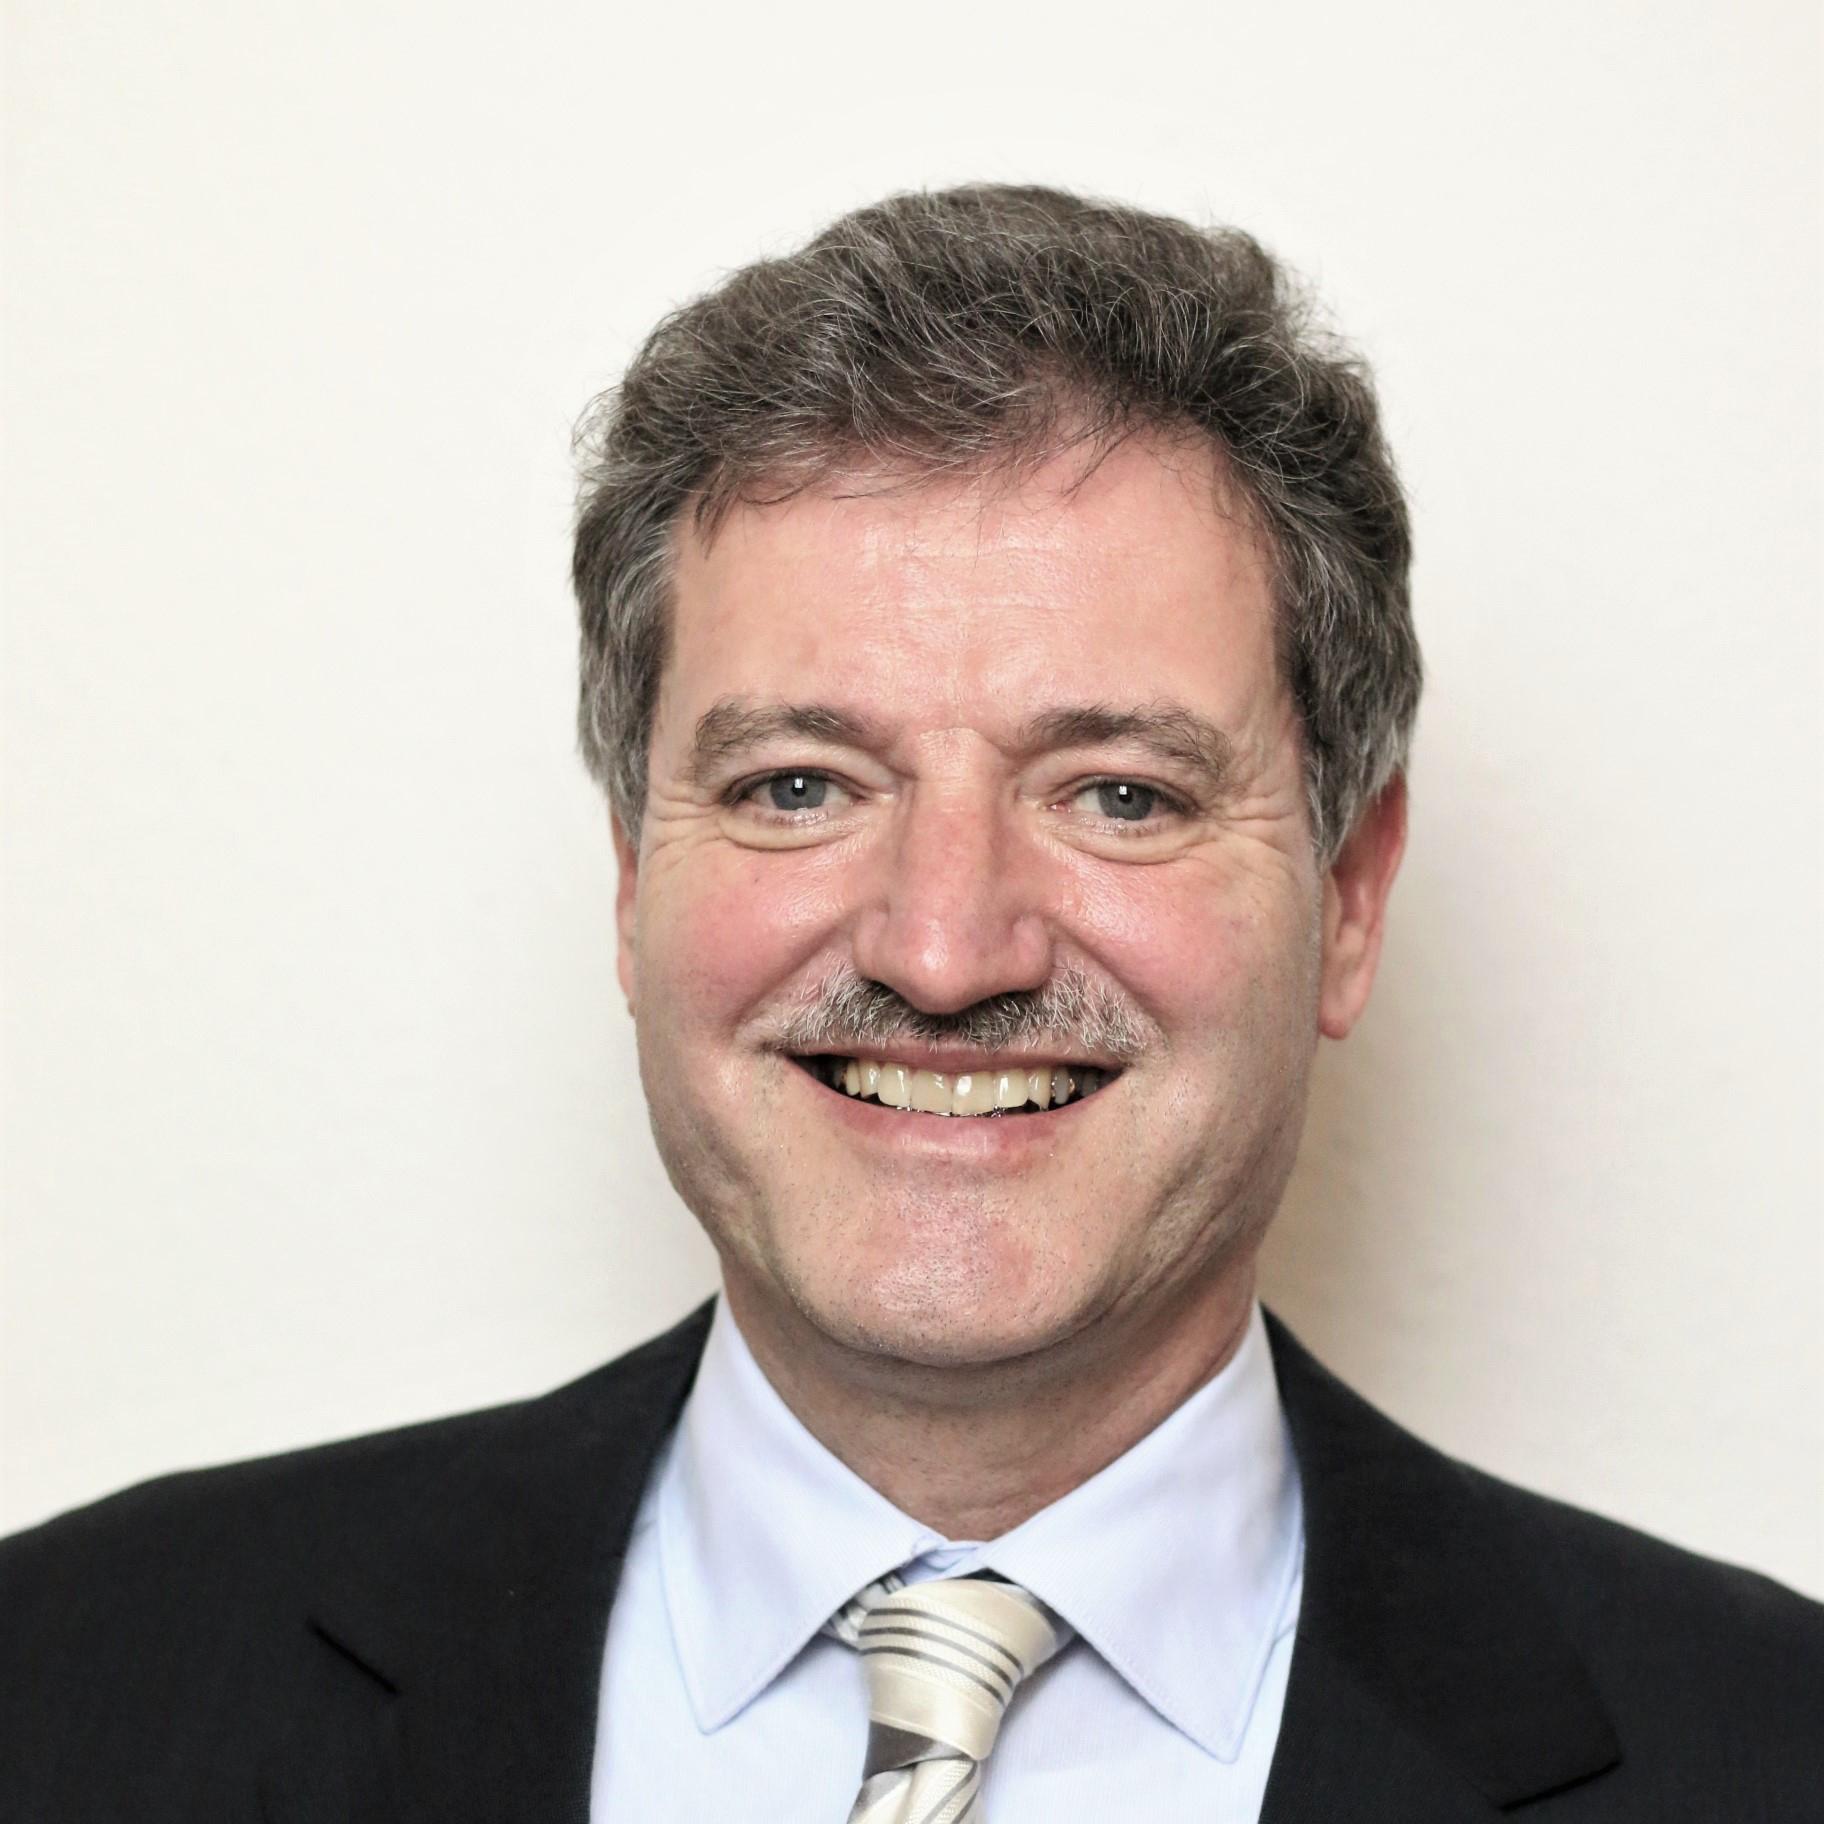 Prof. Dr. Dieter Brückmann, University of Wuppertal